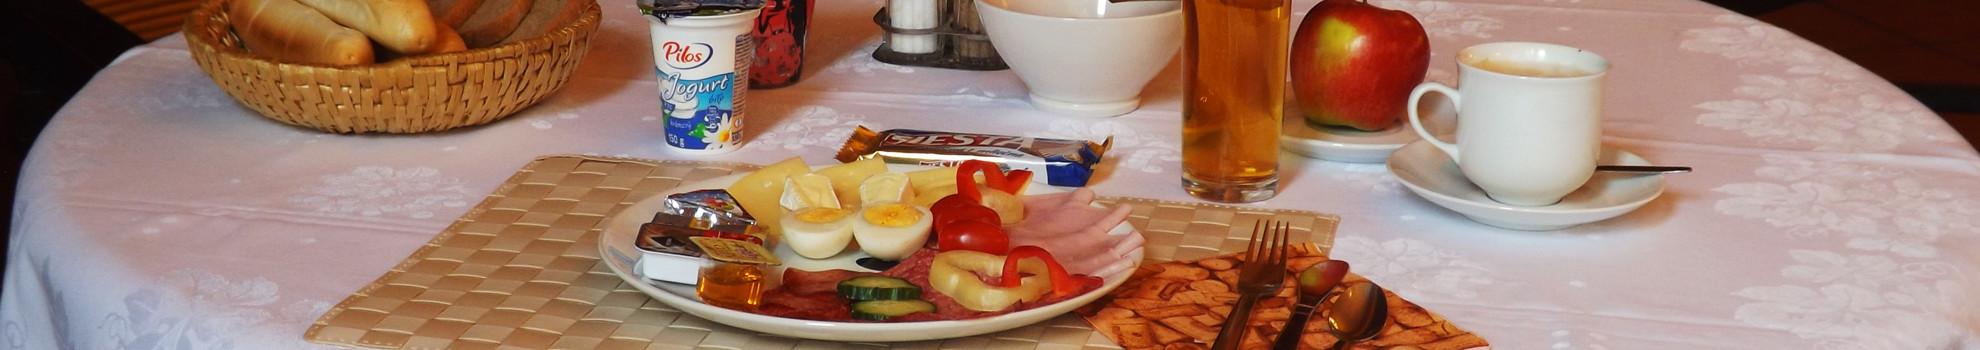 Snídaně v hotelu Avion v Prostějov